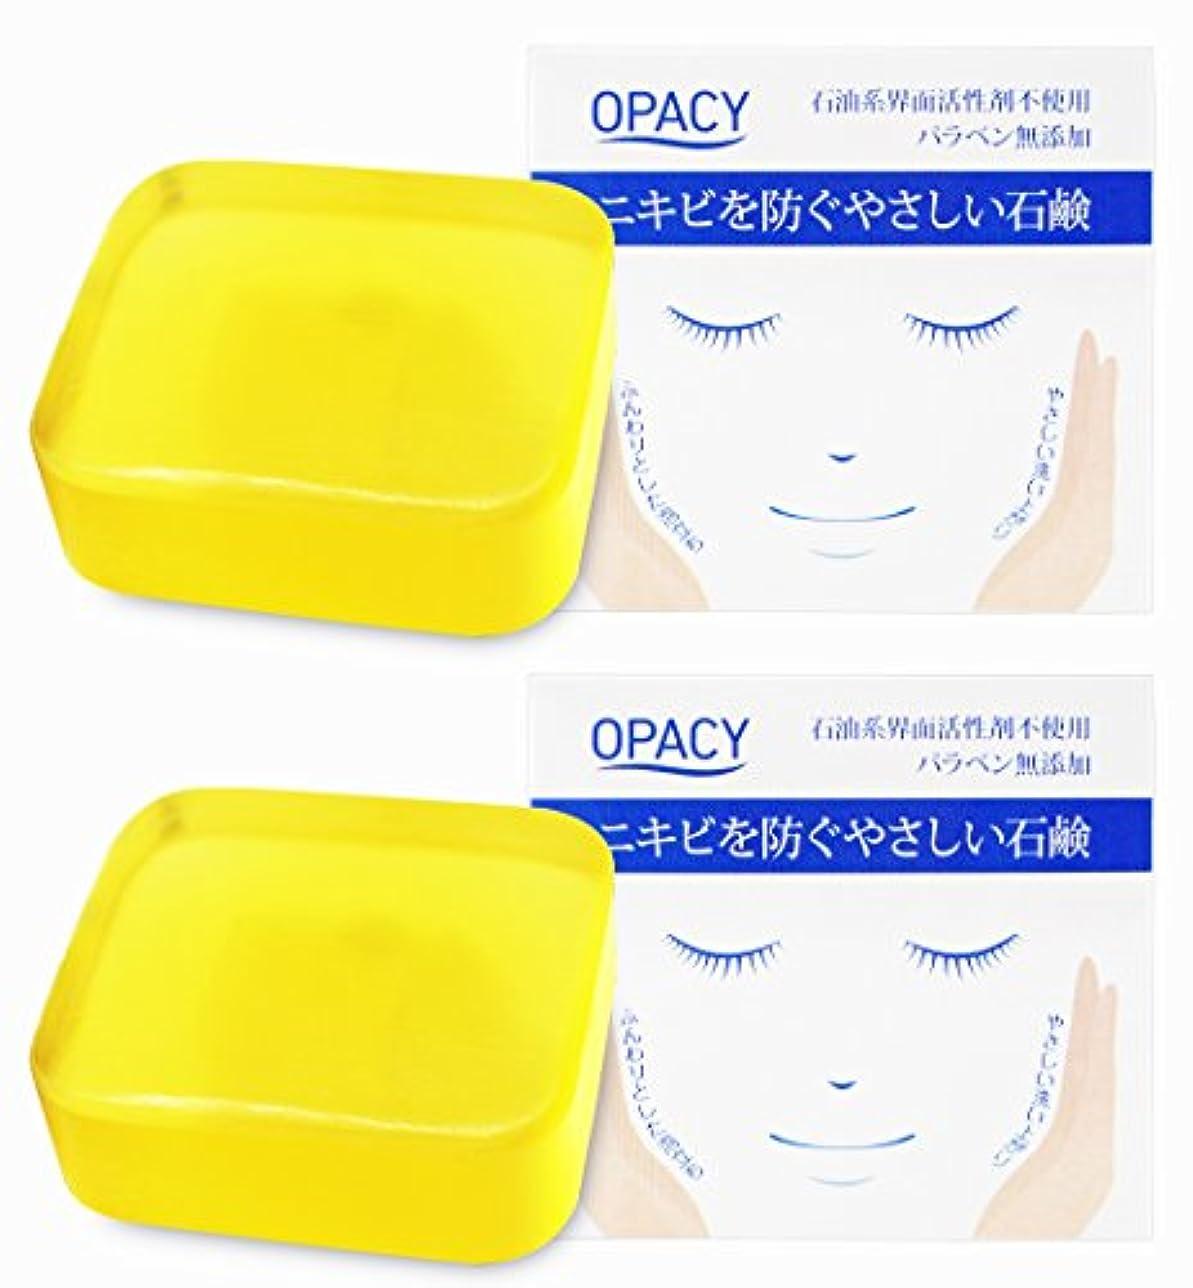 【2個セット】オパシー石鹸100g (2個)